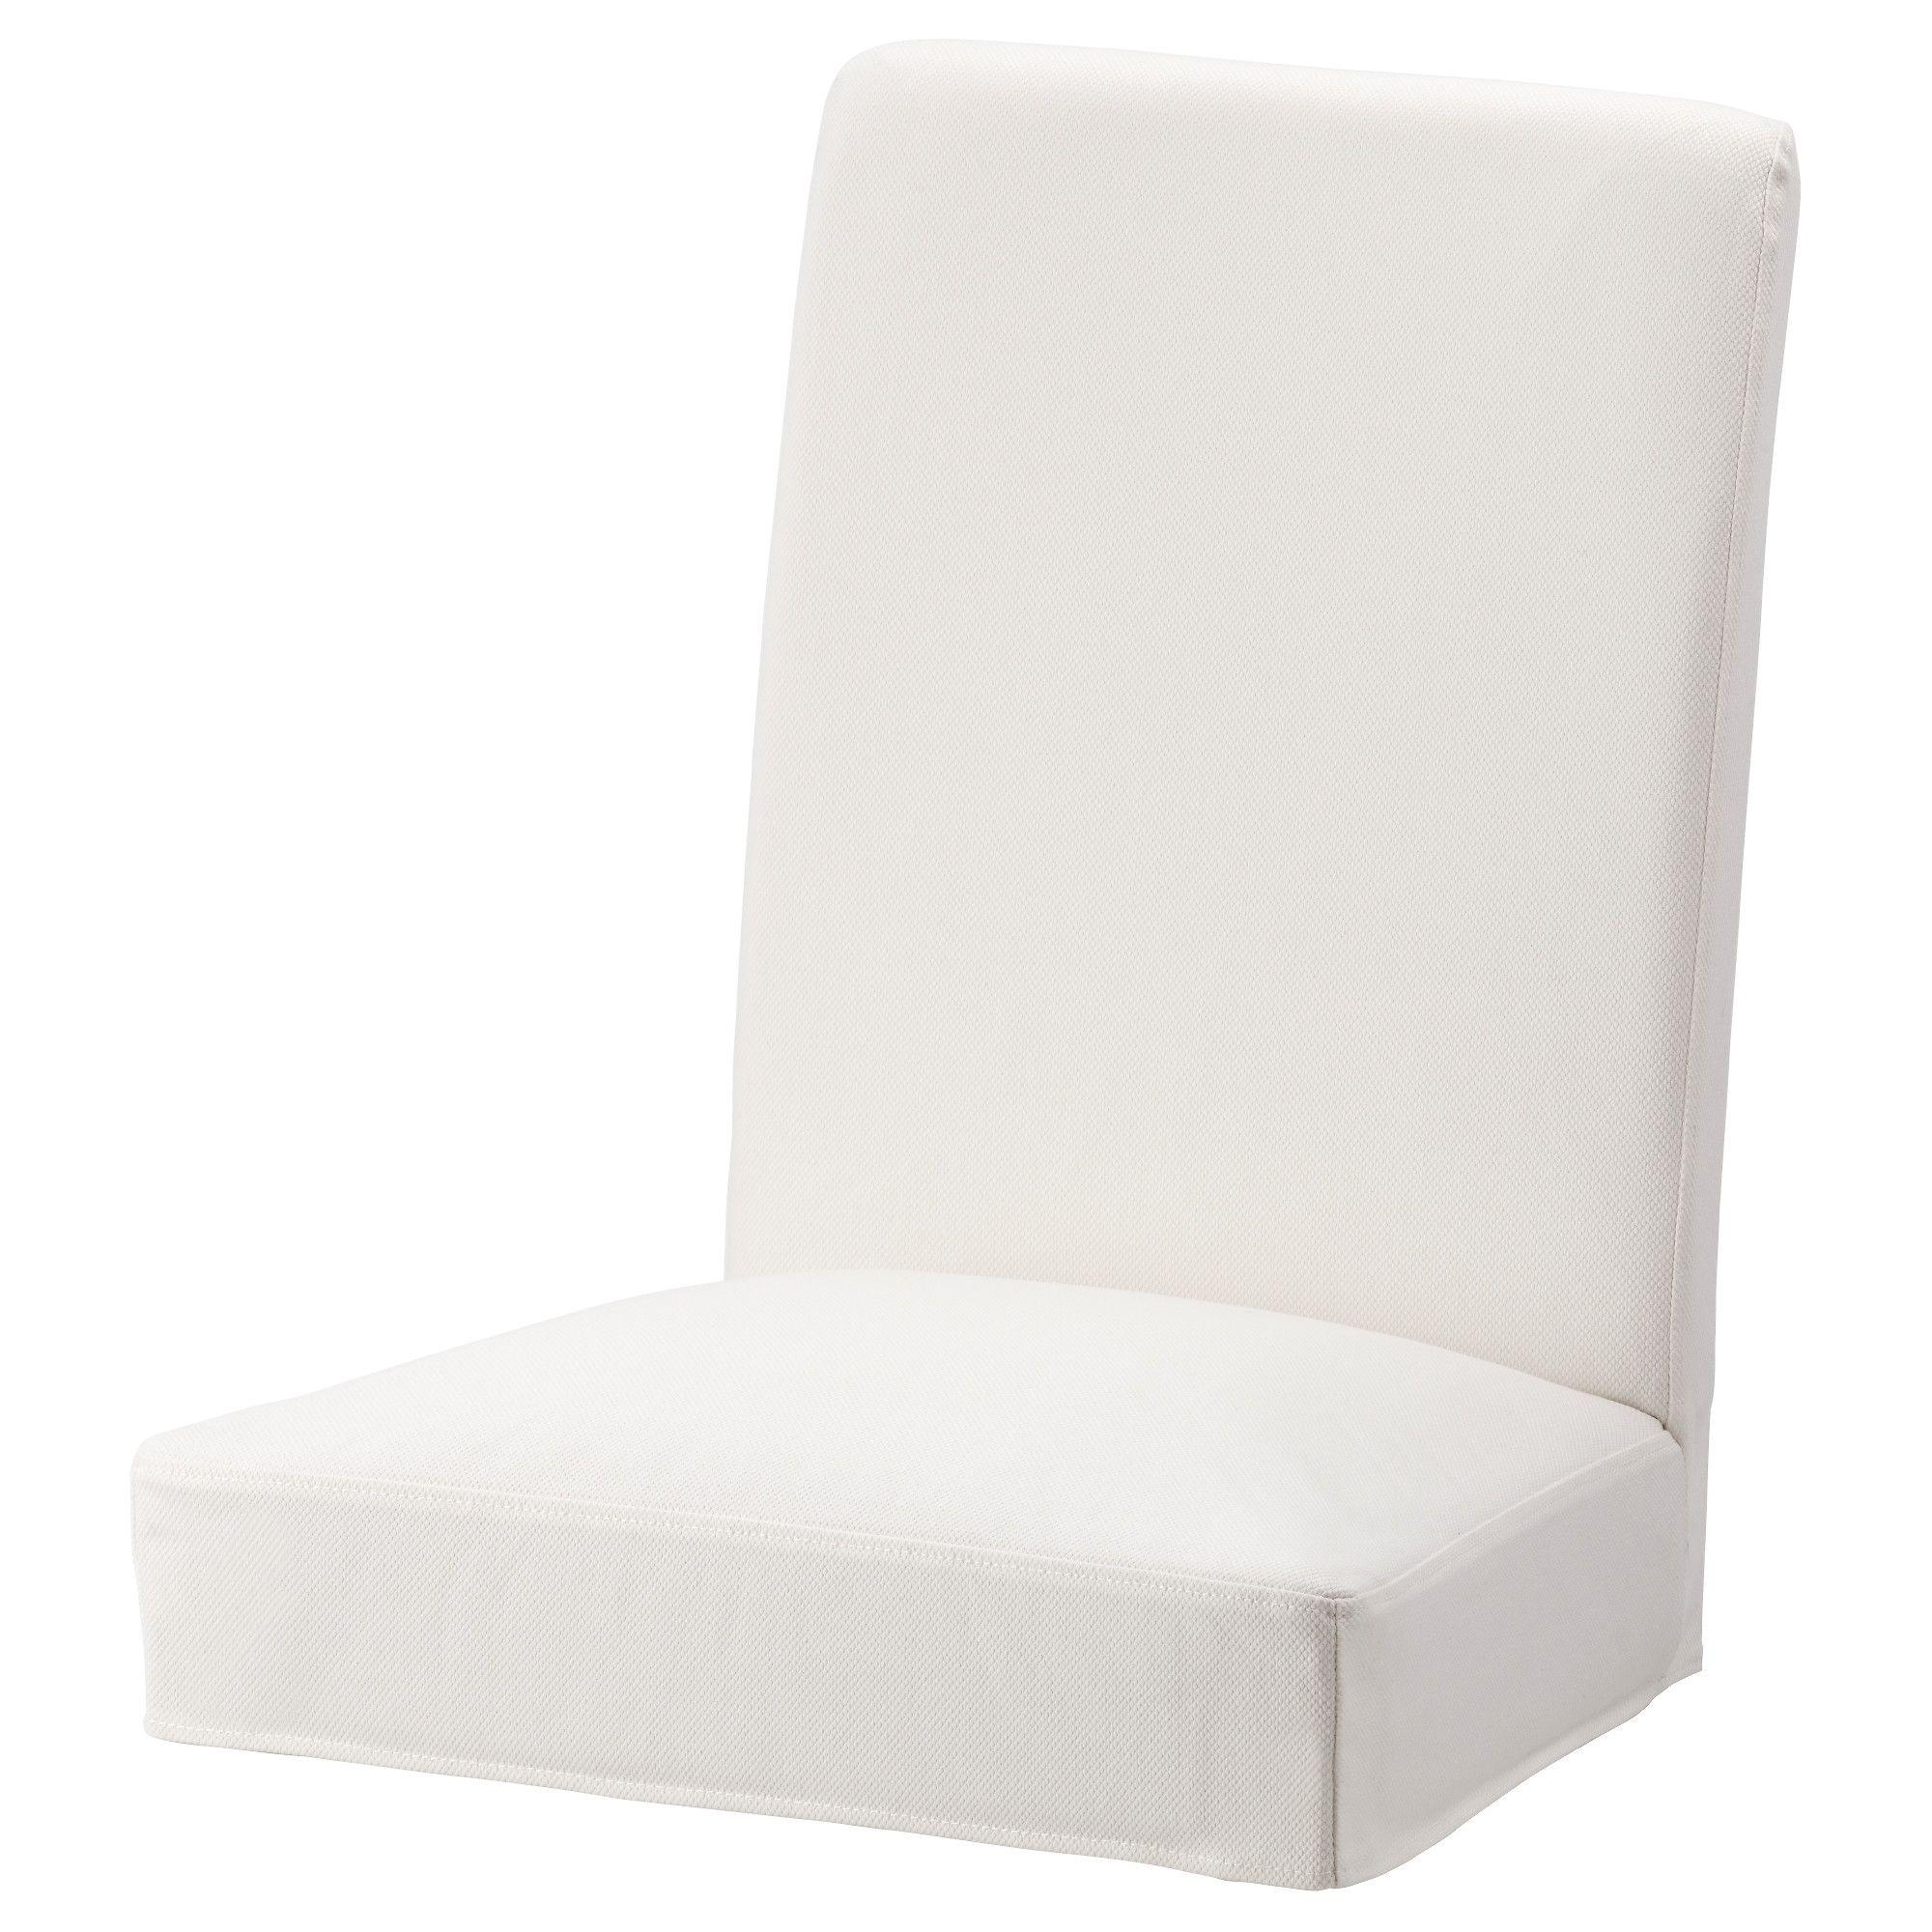 IKEA HENRIKSDAL Chair cover Gräsbo white Henriksdal